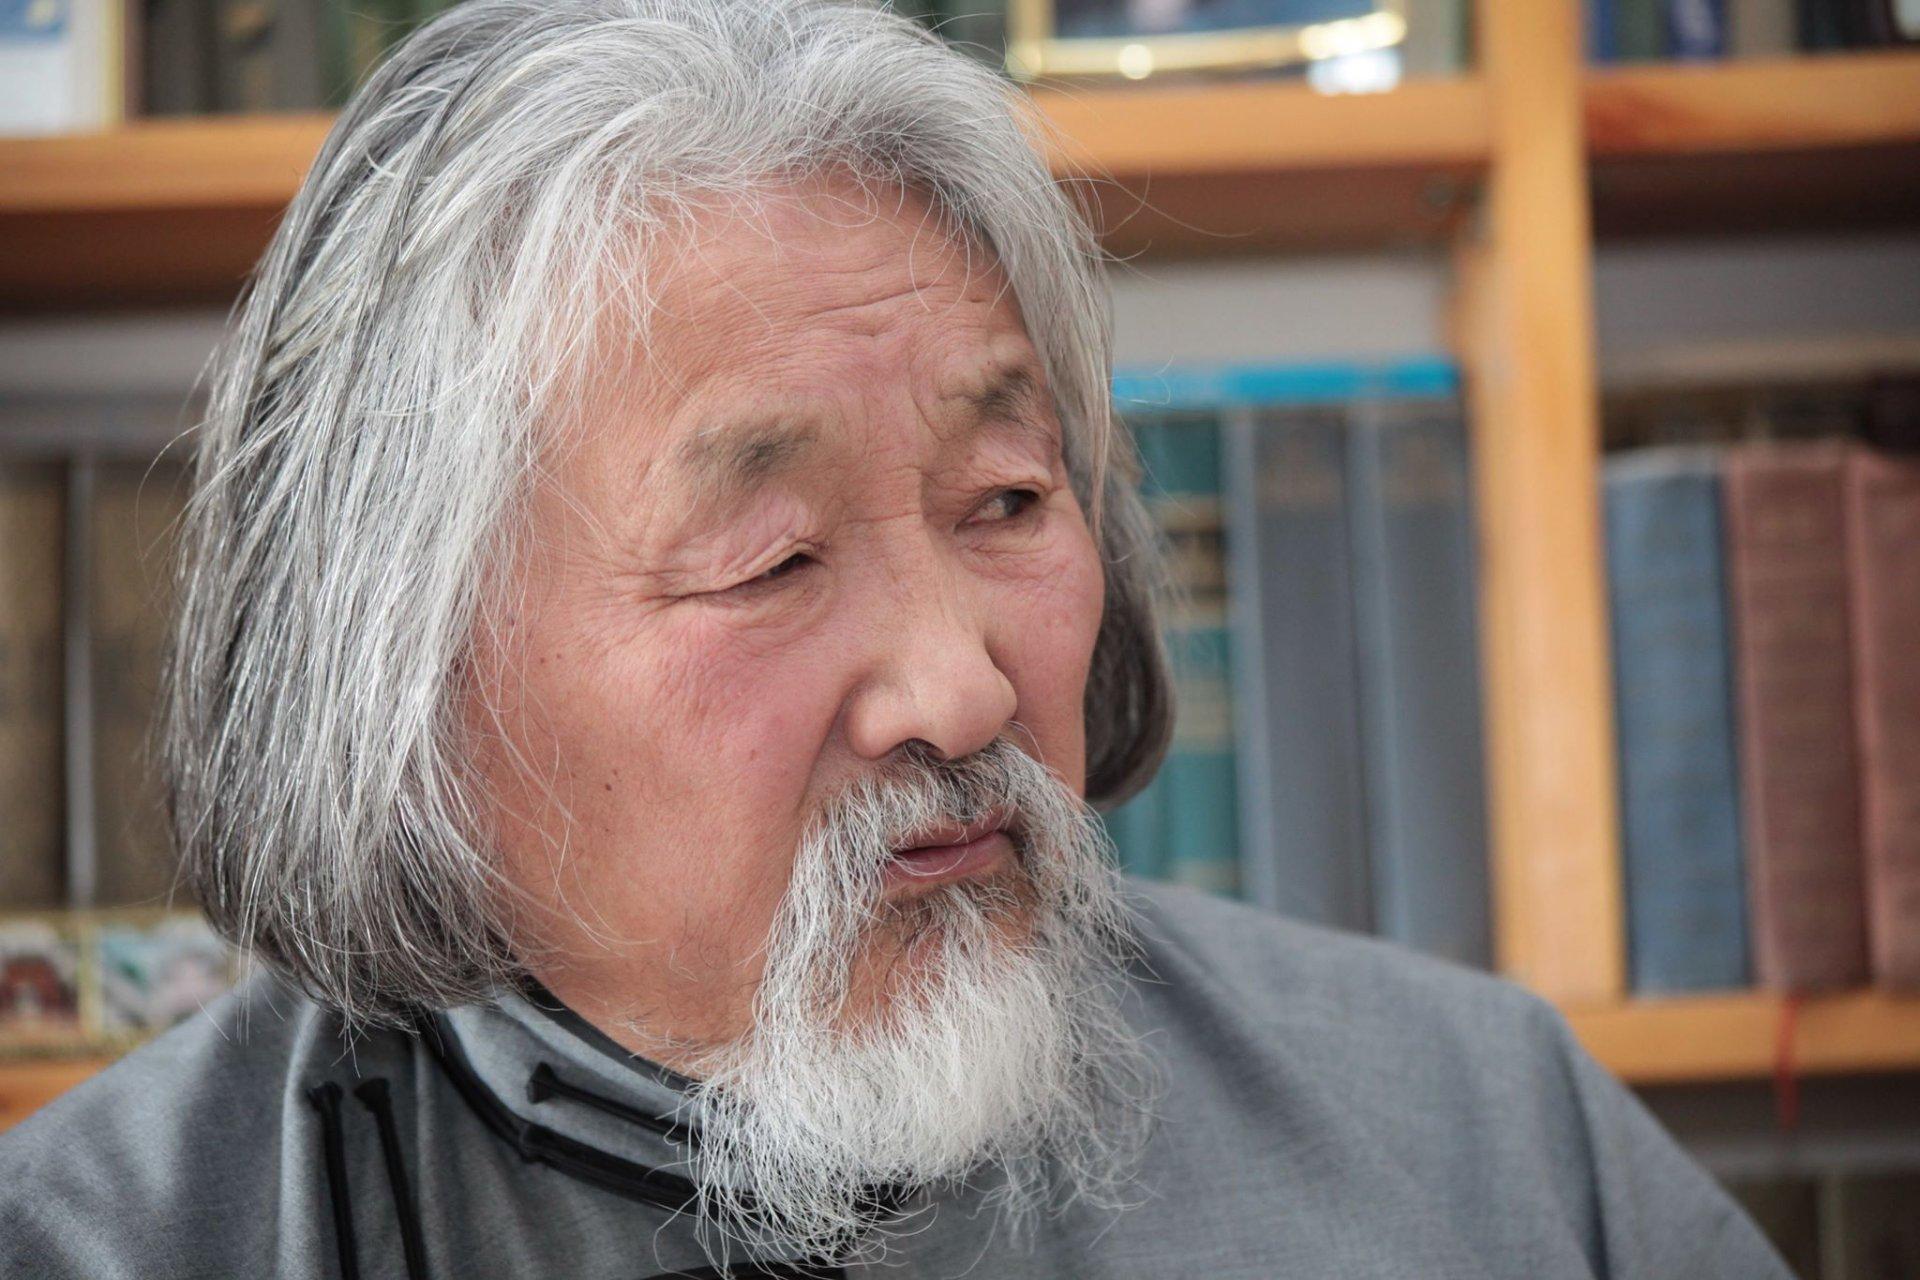 Д.УРИАНХАЙ: Өнөөгийн Монголын төрд Хятадын төрийн ухаан байсан бол бид ядуу амьдархгүйсэн